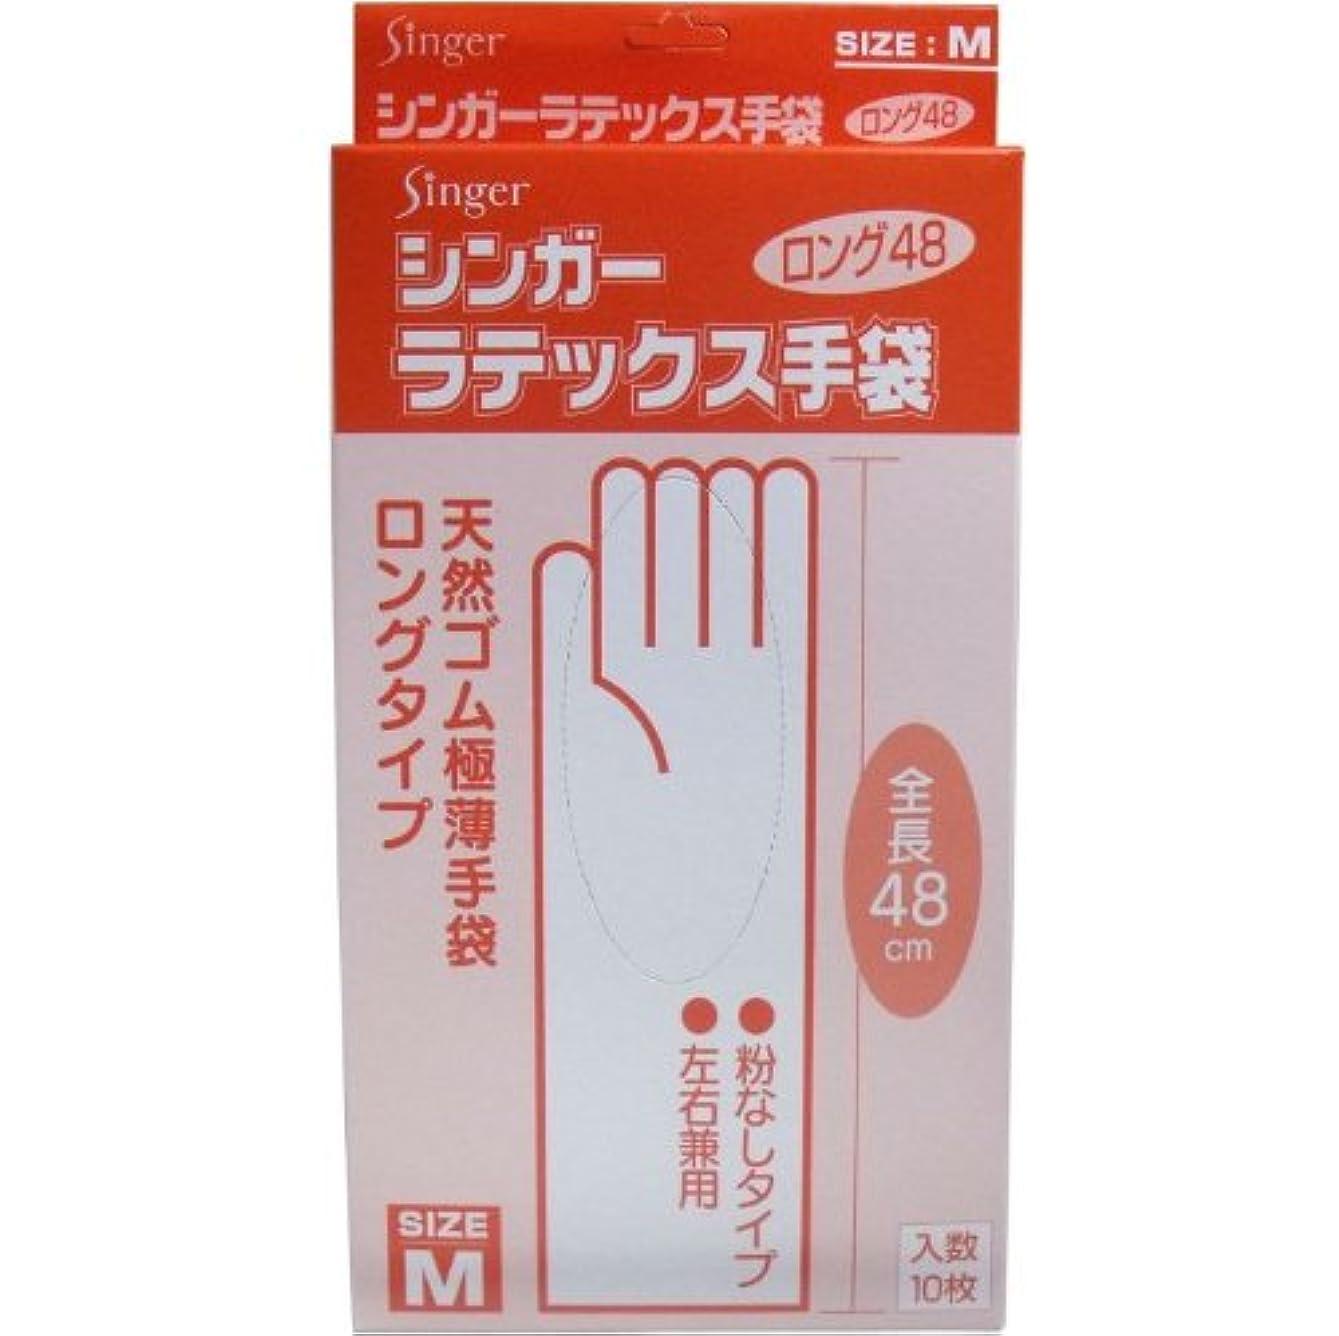 誘導ミュージカルカッター食品衛生法適合品 ラテックス手袋 天然ゴム極薄手袋 ロングタイプ Mサイズ 10枚入